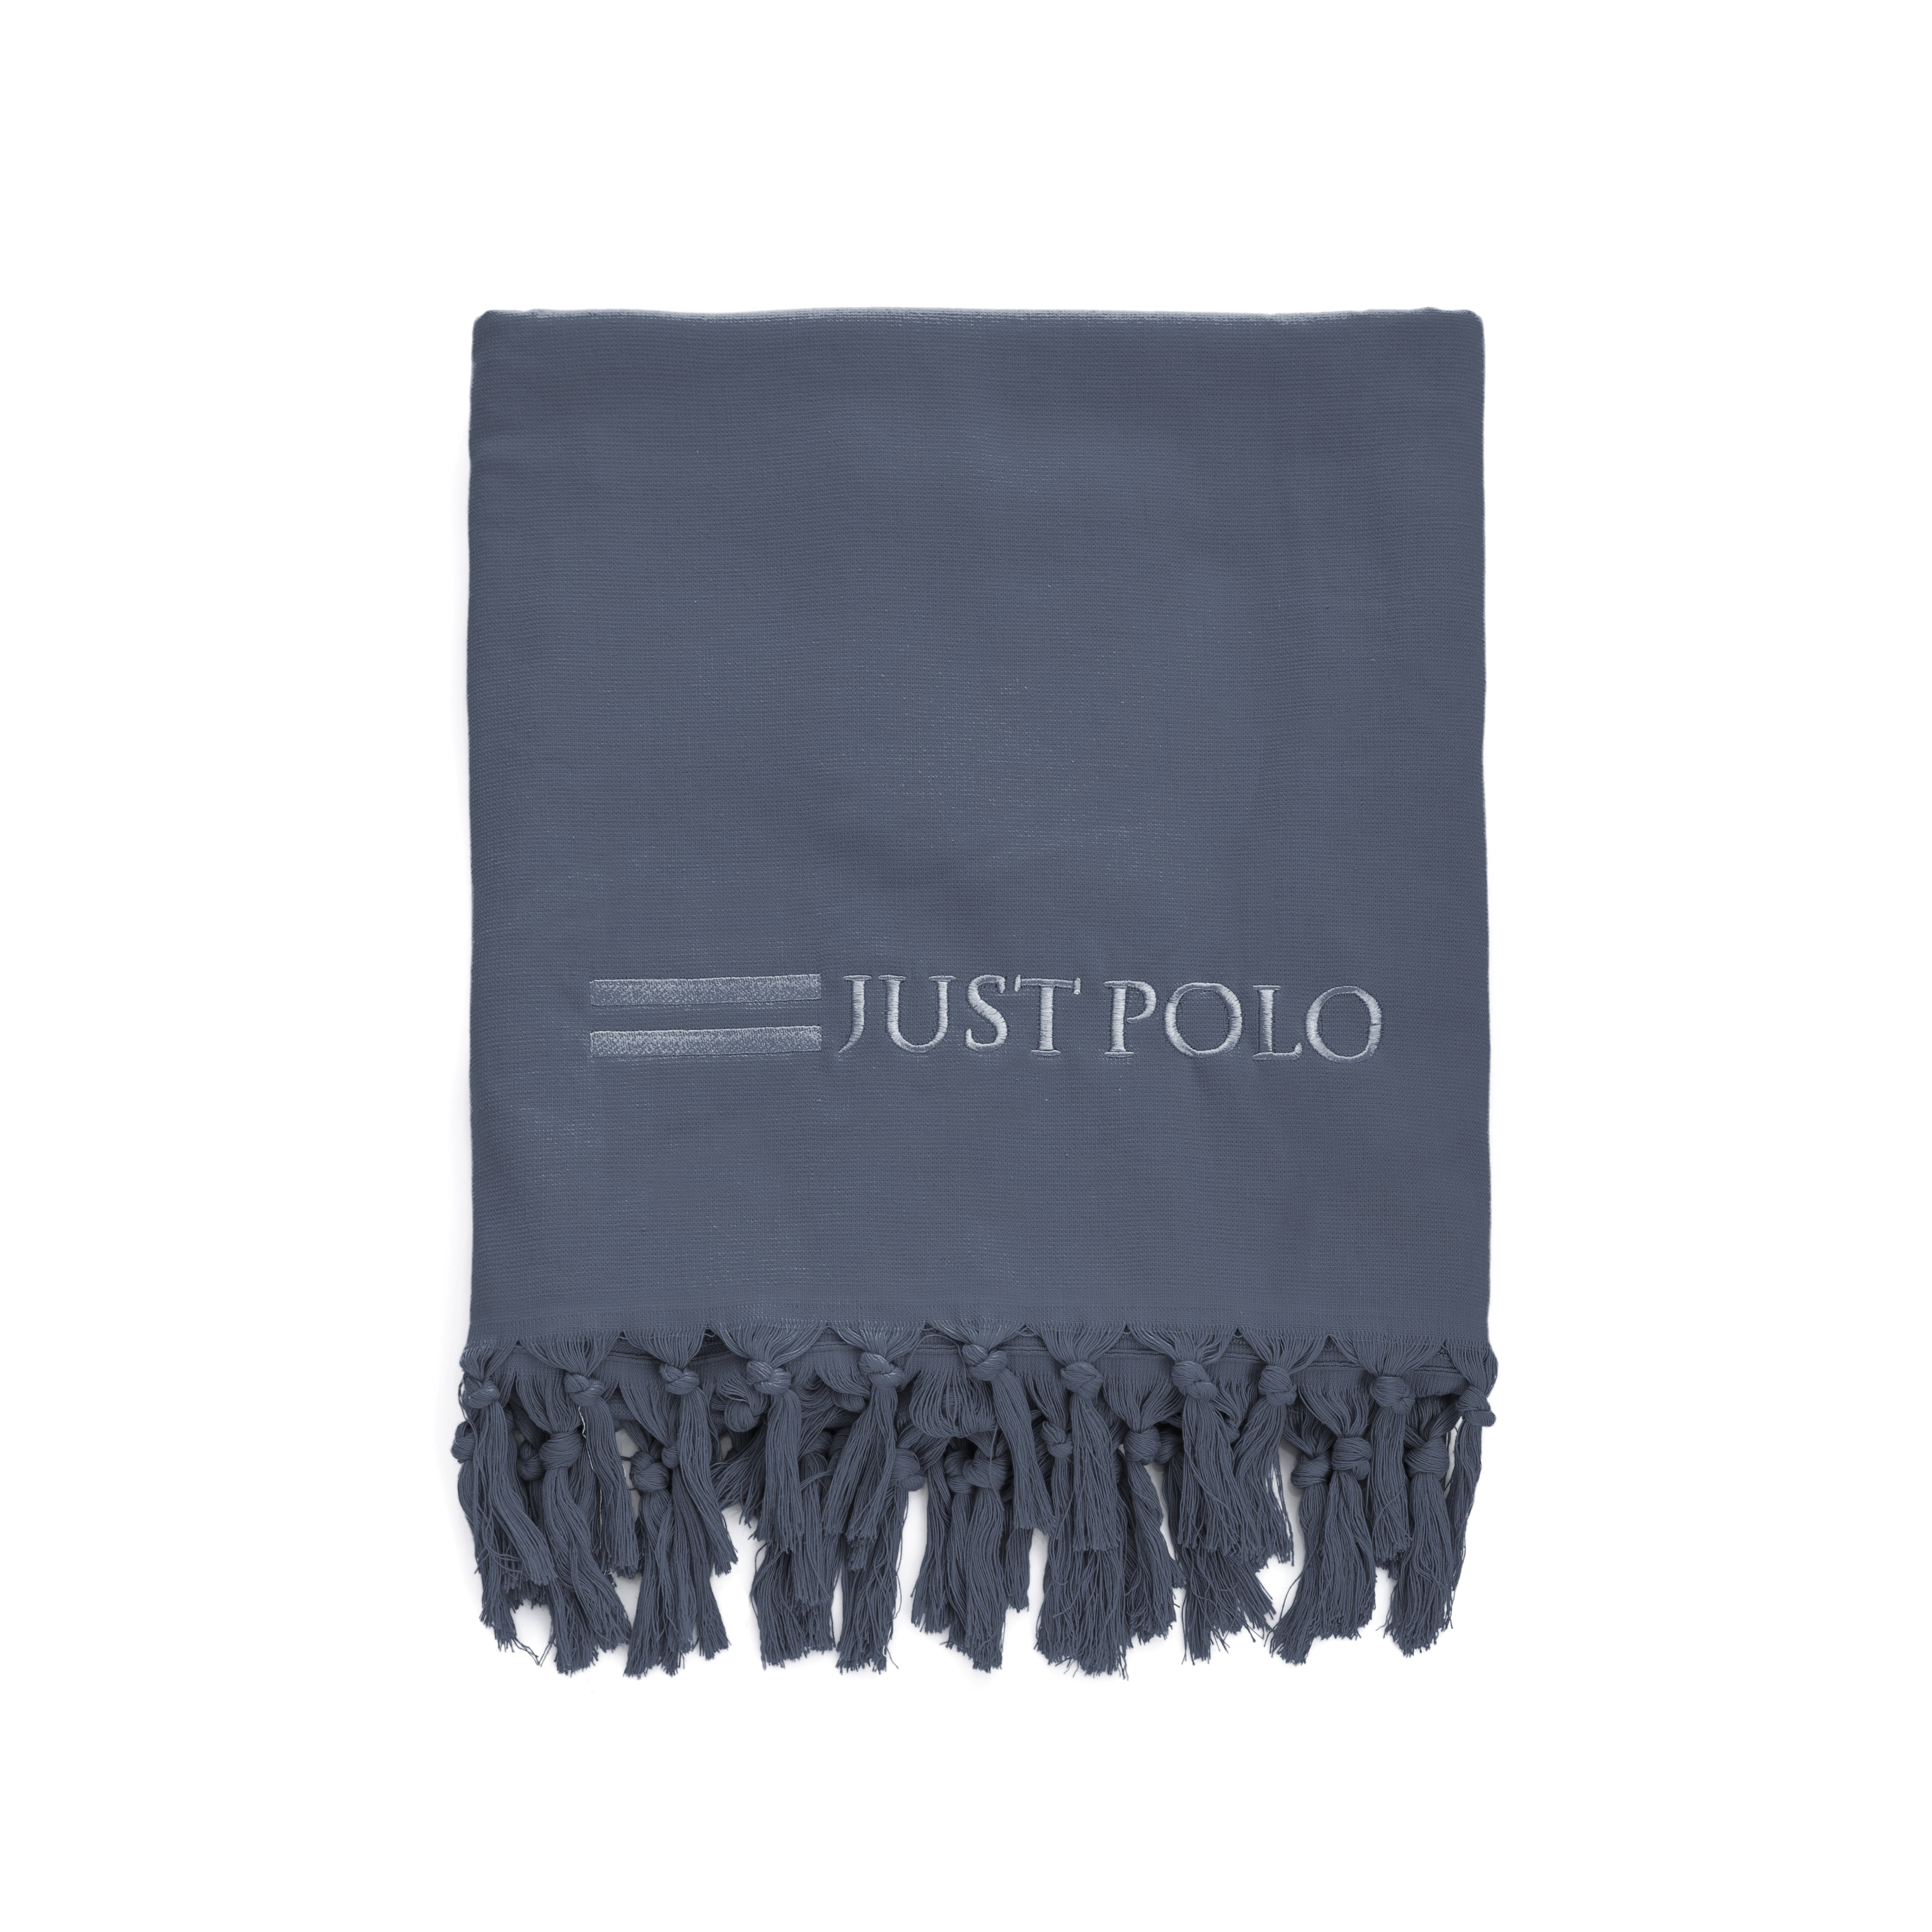 JUST POLO - Πετσέτα θαλάσσης Just Polo γκρι ανδρικά αξεσουάρ πετσέτες